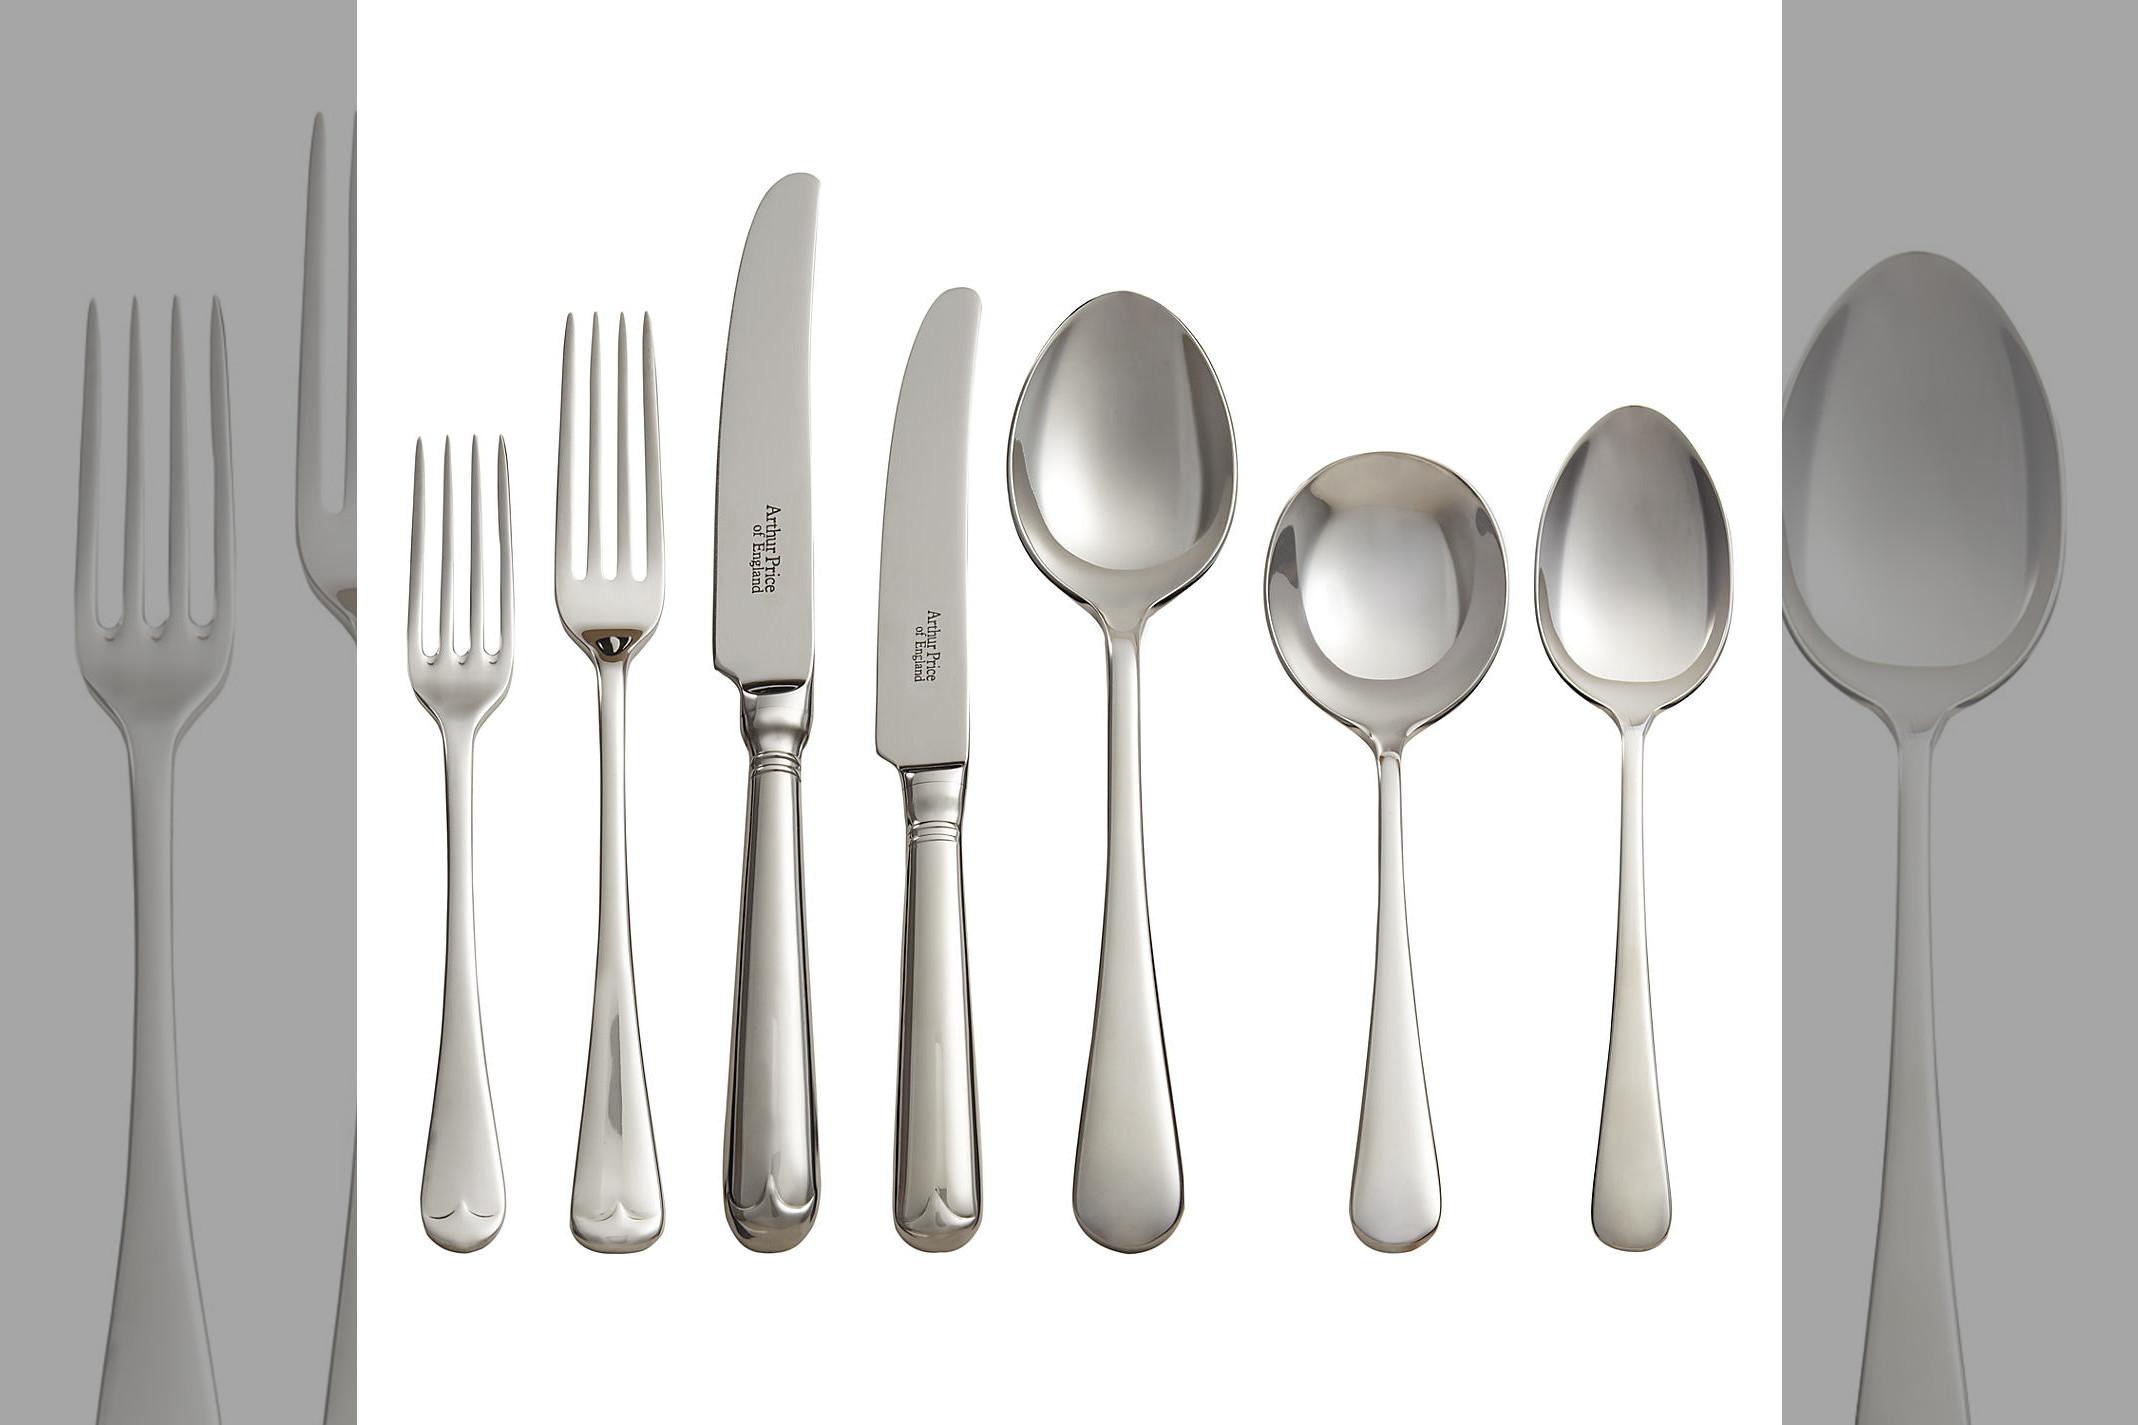 bridebook.co.uk prezola set of cutlery